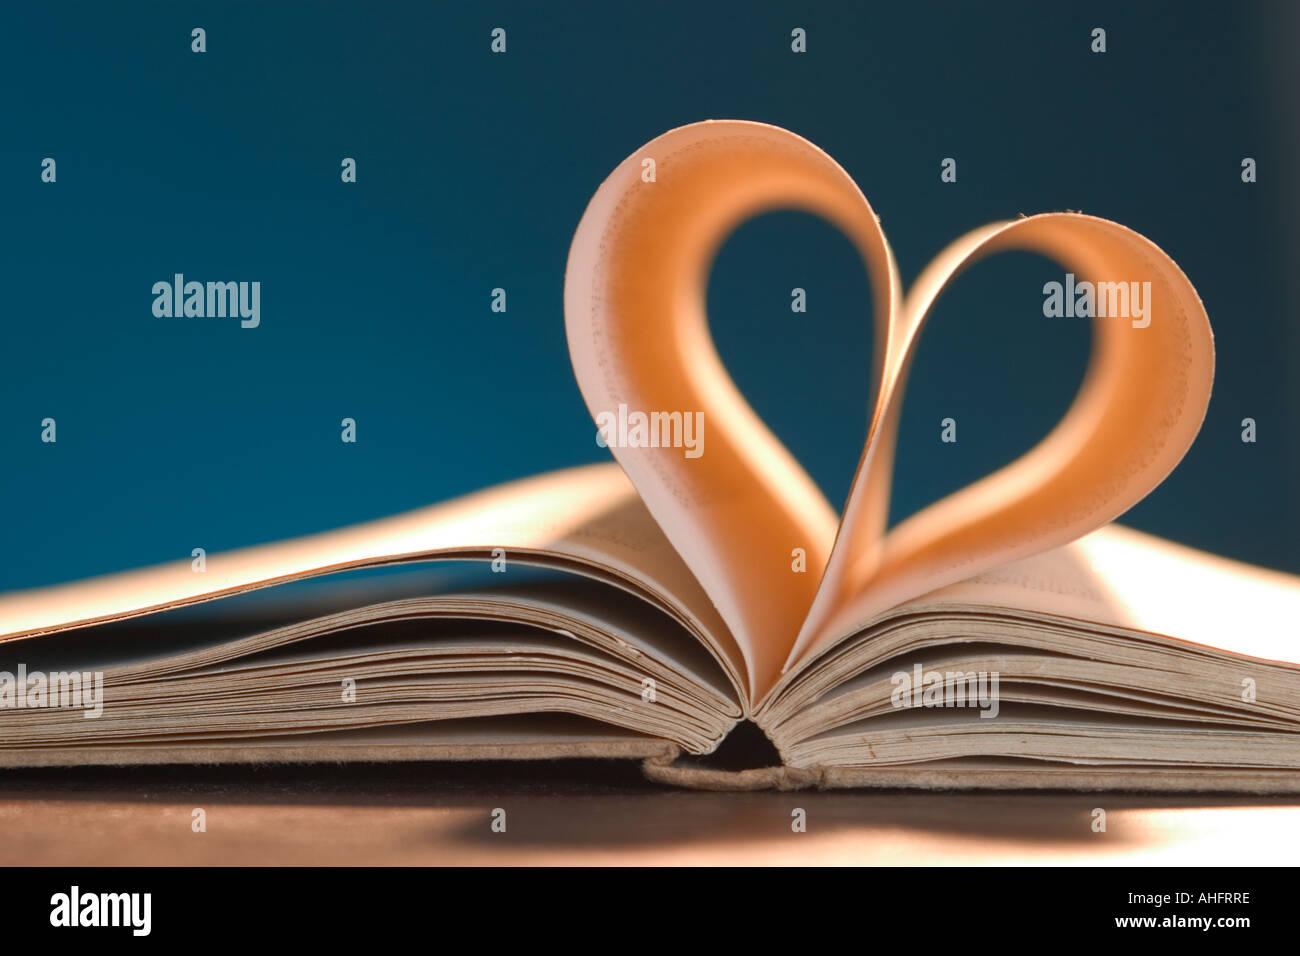 Liebe Roman - Buch mit Herz Stockbild